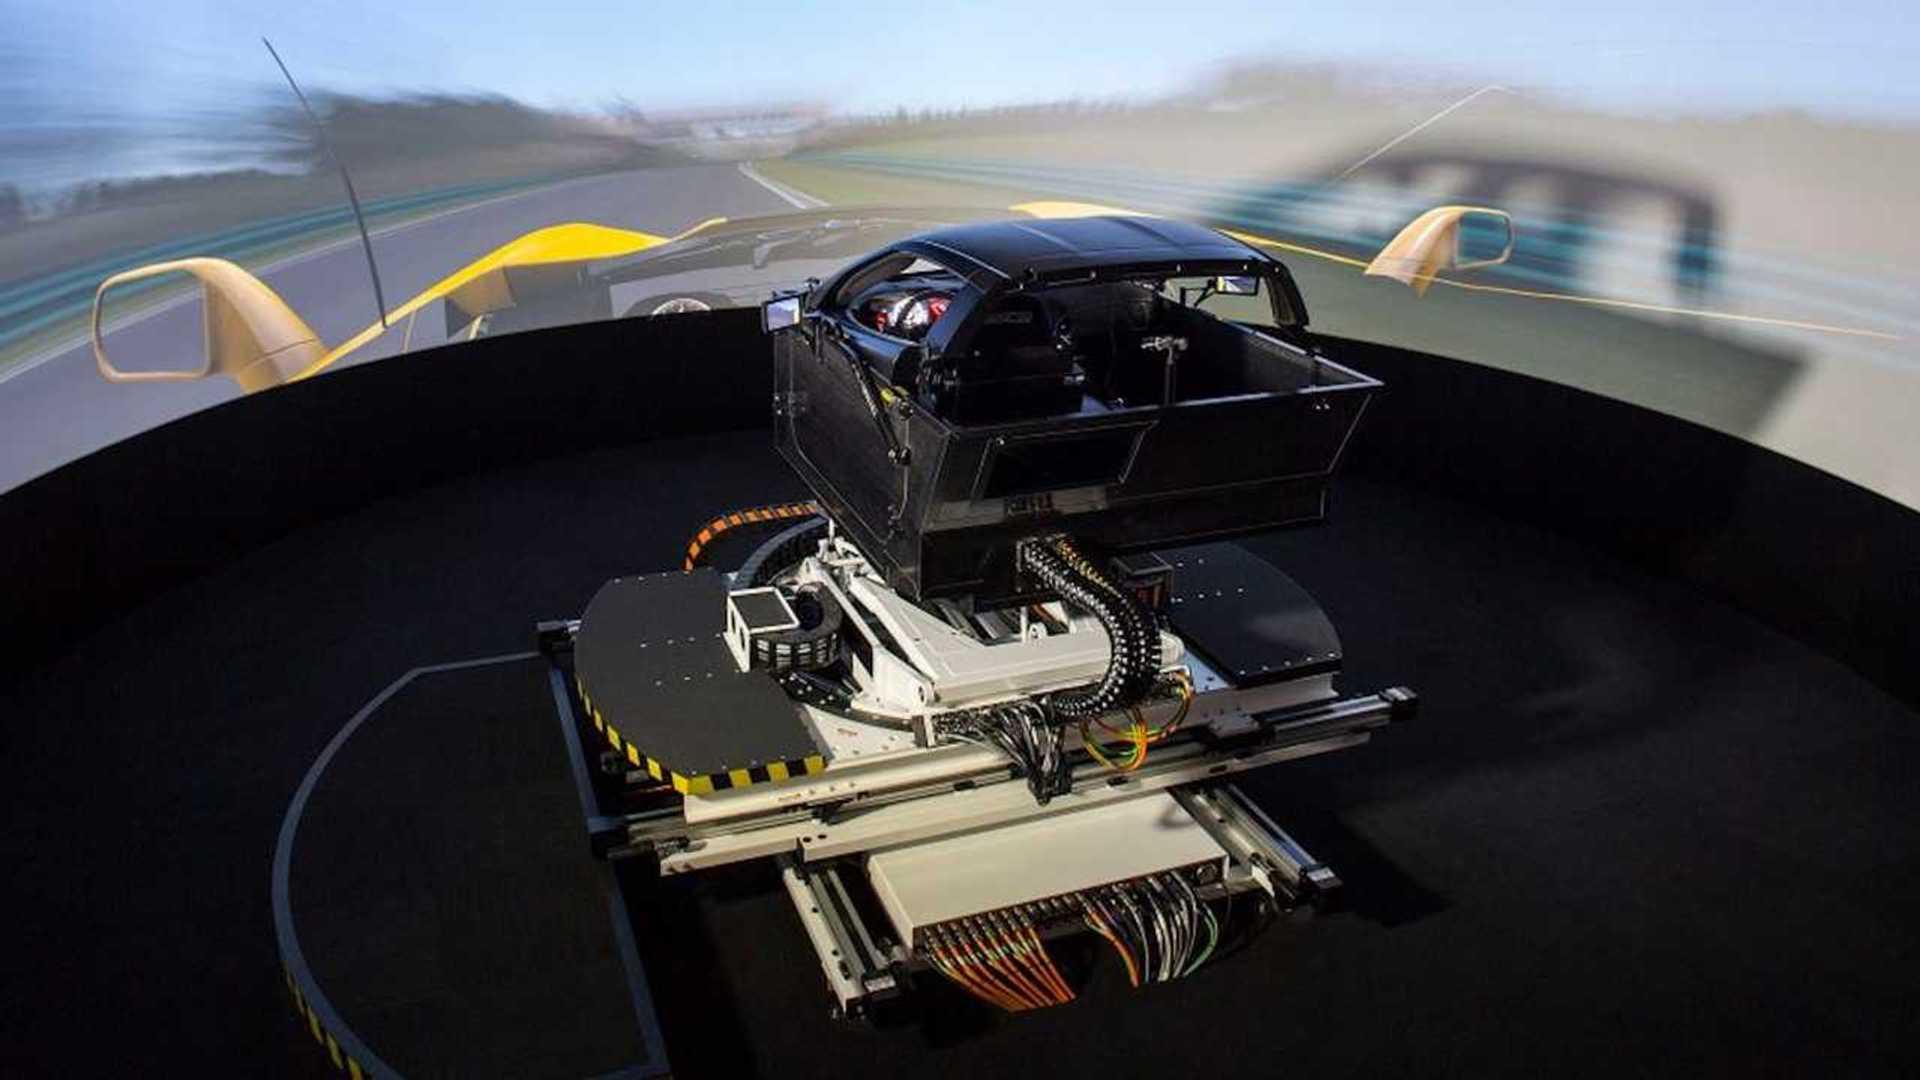 Meilleur ordinateur construit en 2020: Chevrolet Corvette aidera GM à construire de meilleurs véhicules électriques